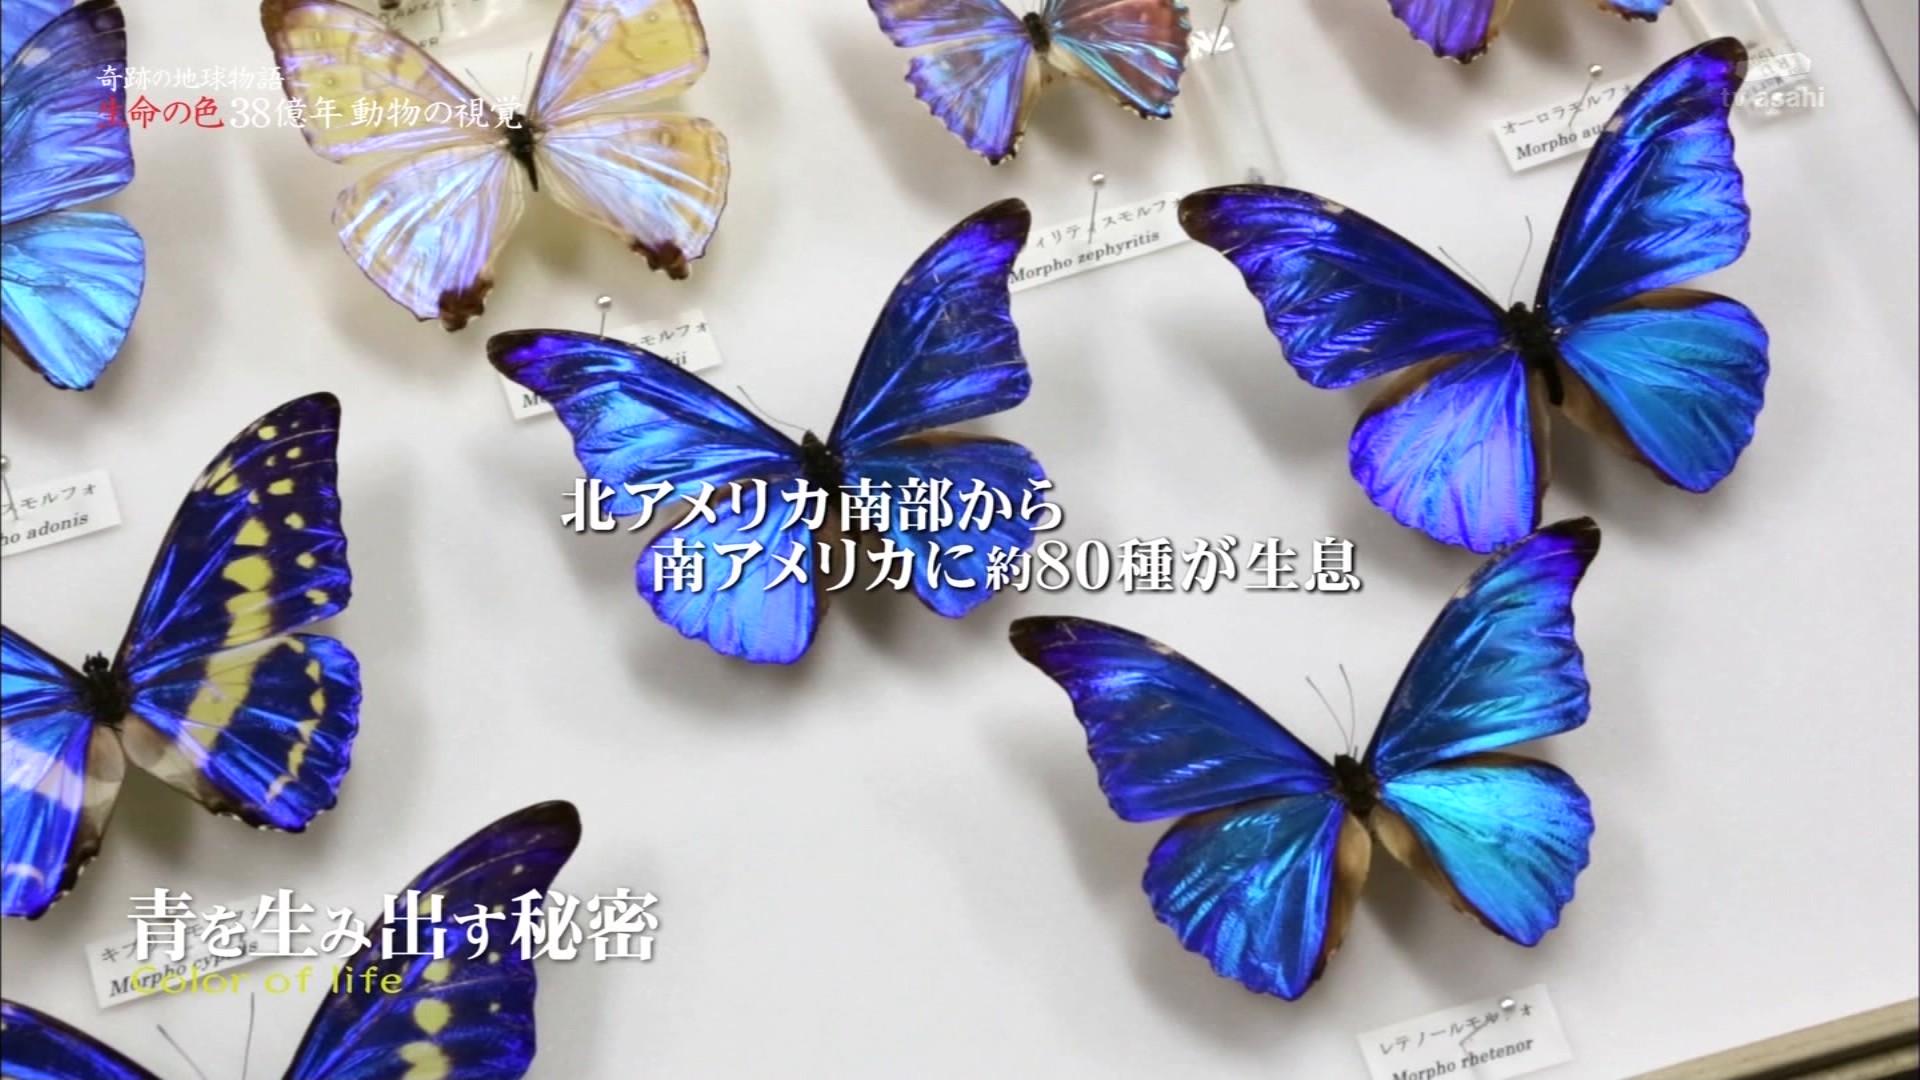 20130730-191142-943 内容生物の色彩を取り上げる。東大総合博物館の遠藤秀紀教授